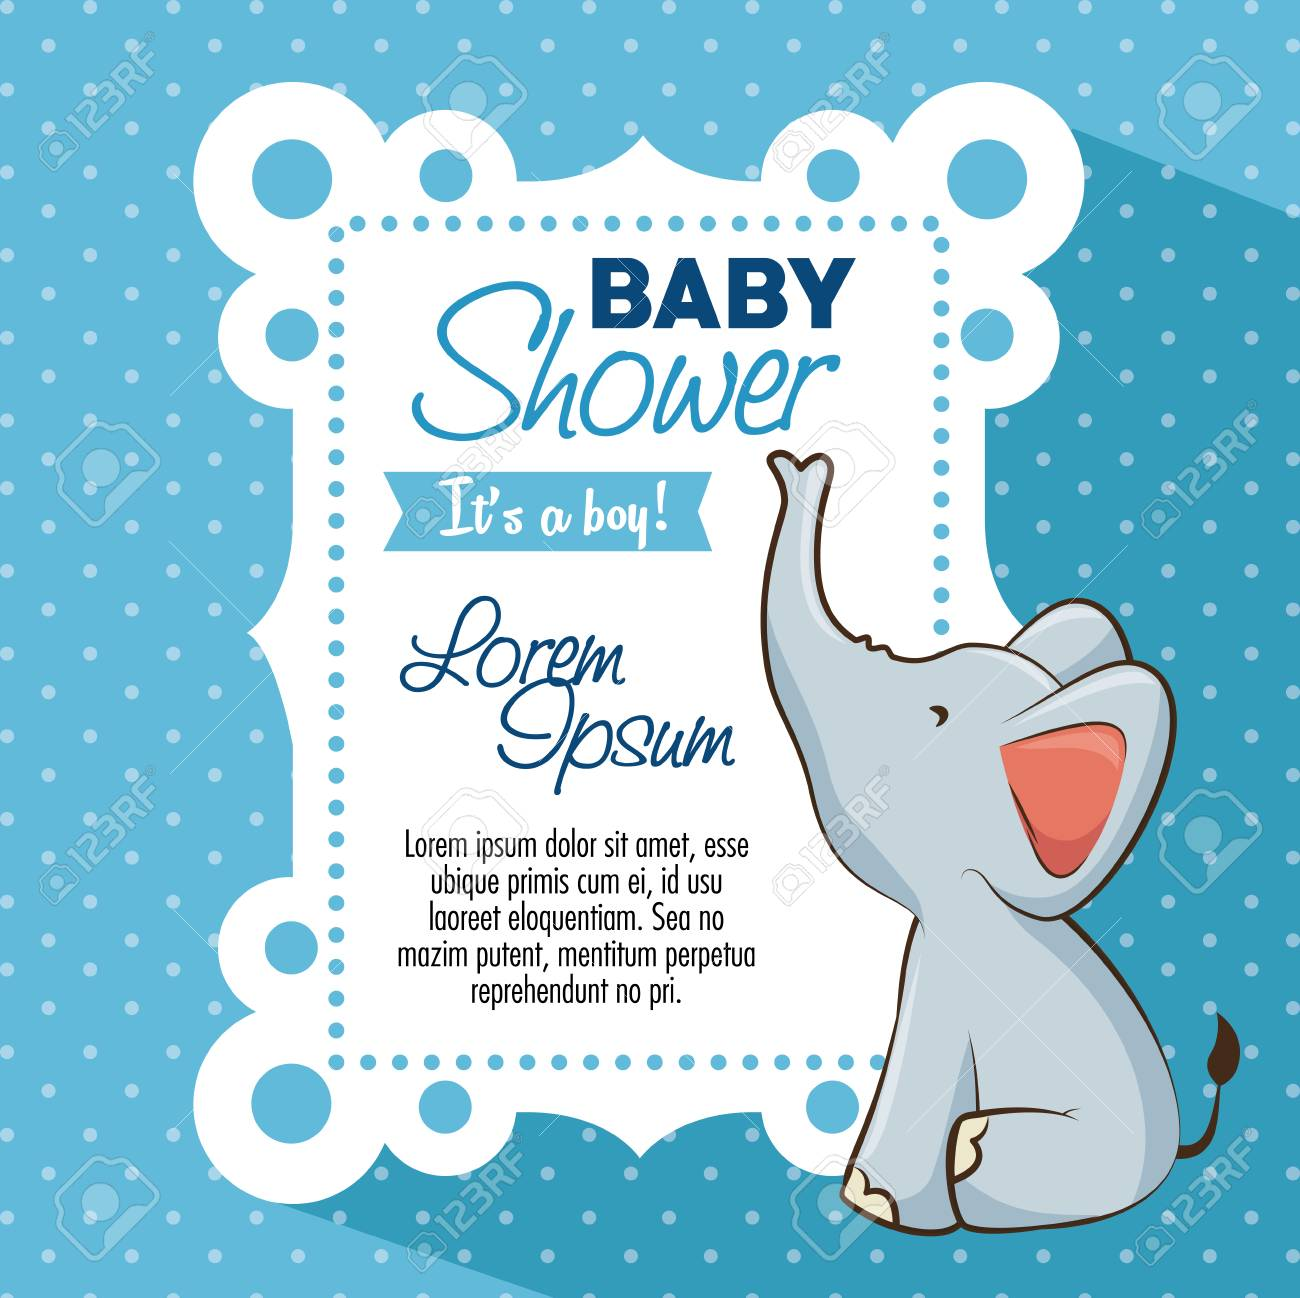 Baby Shower Boy Tarjeta De Invitación Ilustración Vectorial Diseño Gráfico